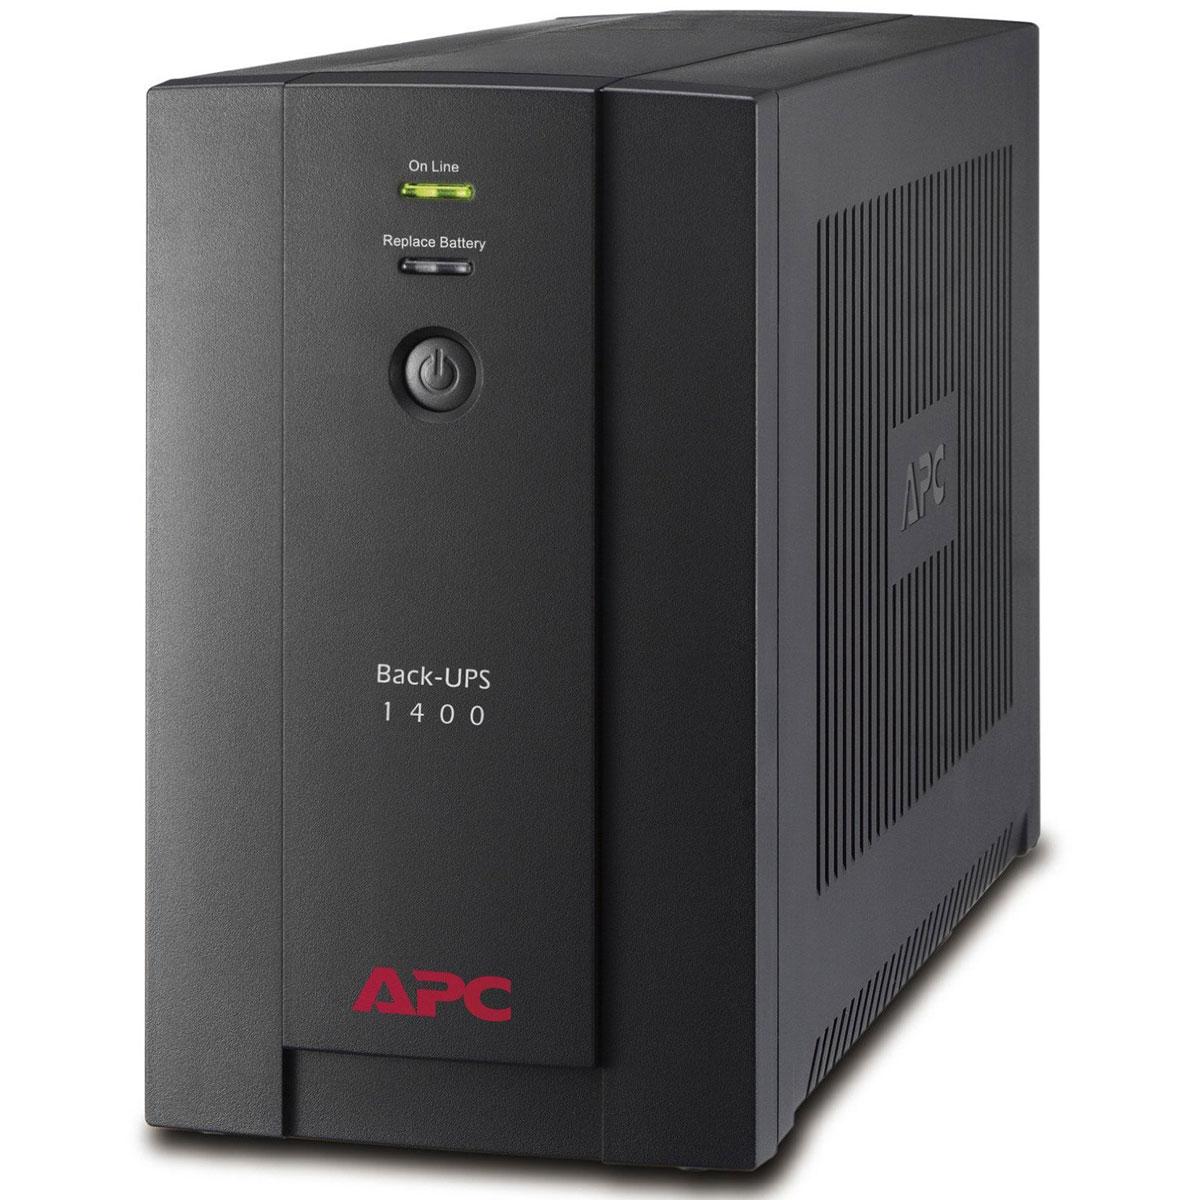 BX1400UI - 6 x IEC - Onduleur APC - Cybertek.fr - 0